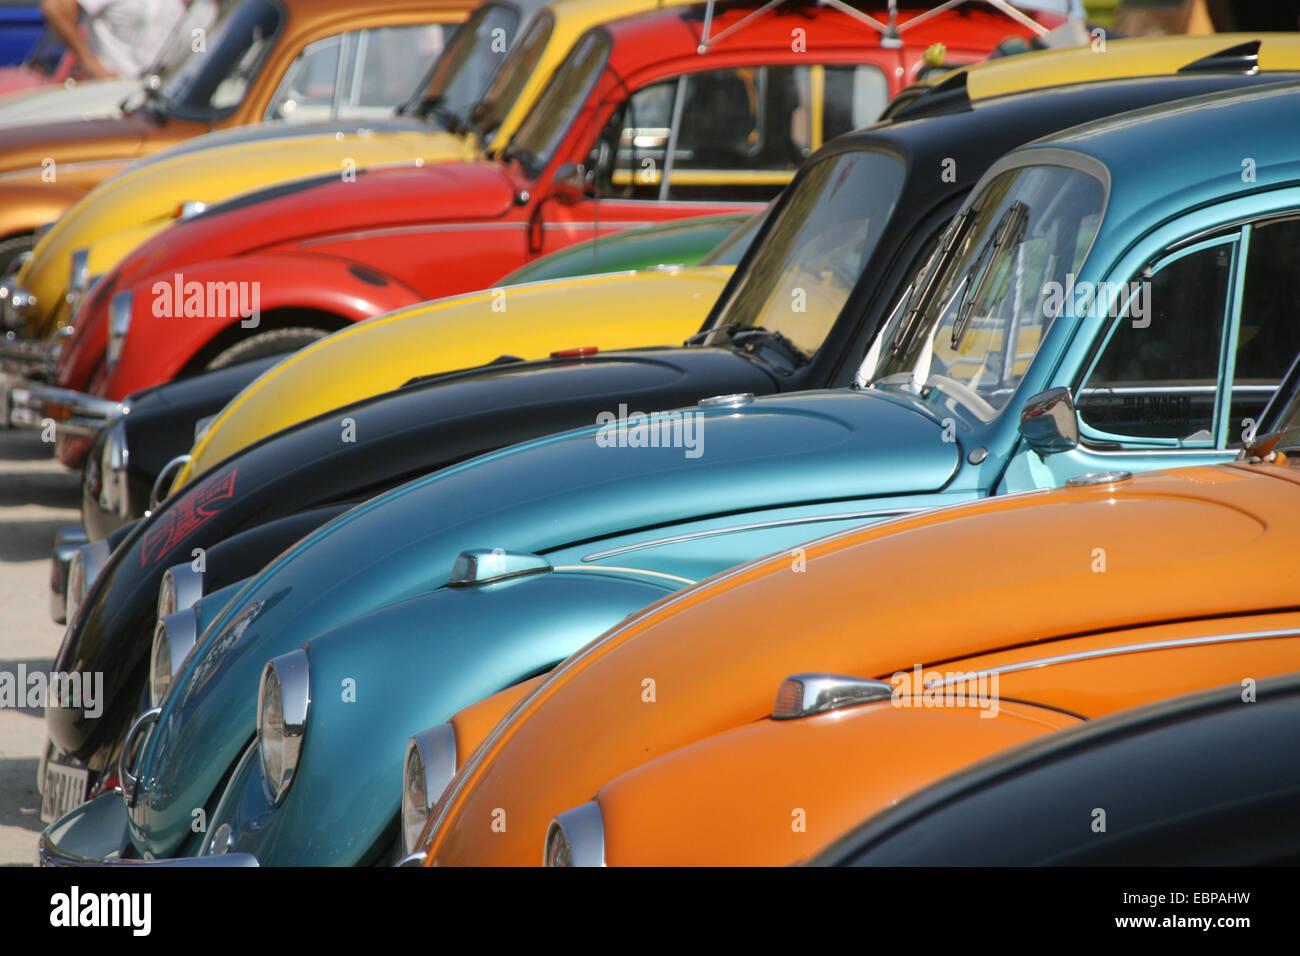 Divers Volkswagen Volkswagen dans le 16e réunion à Agde, France. Banque D'Images